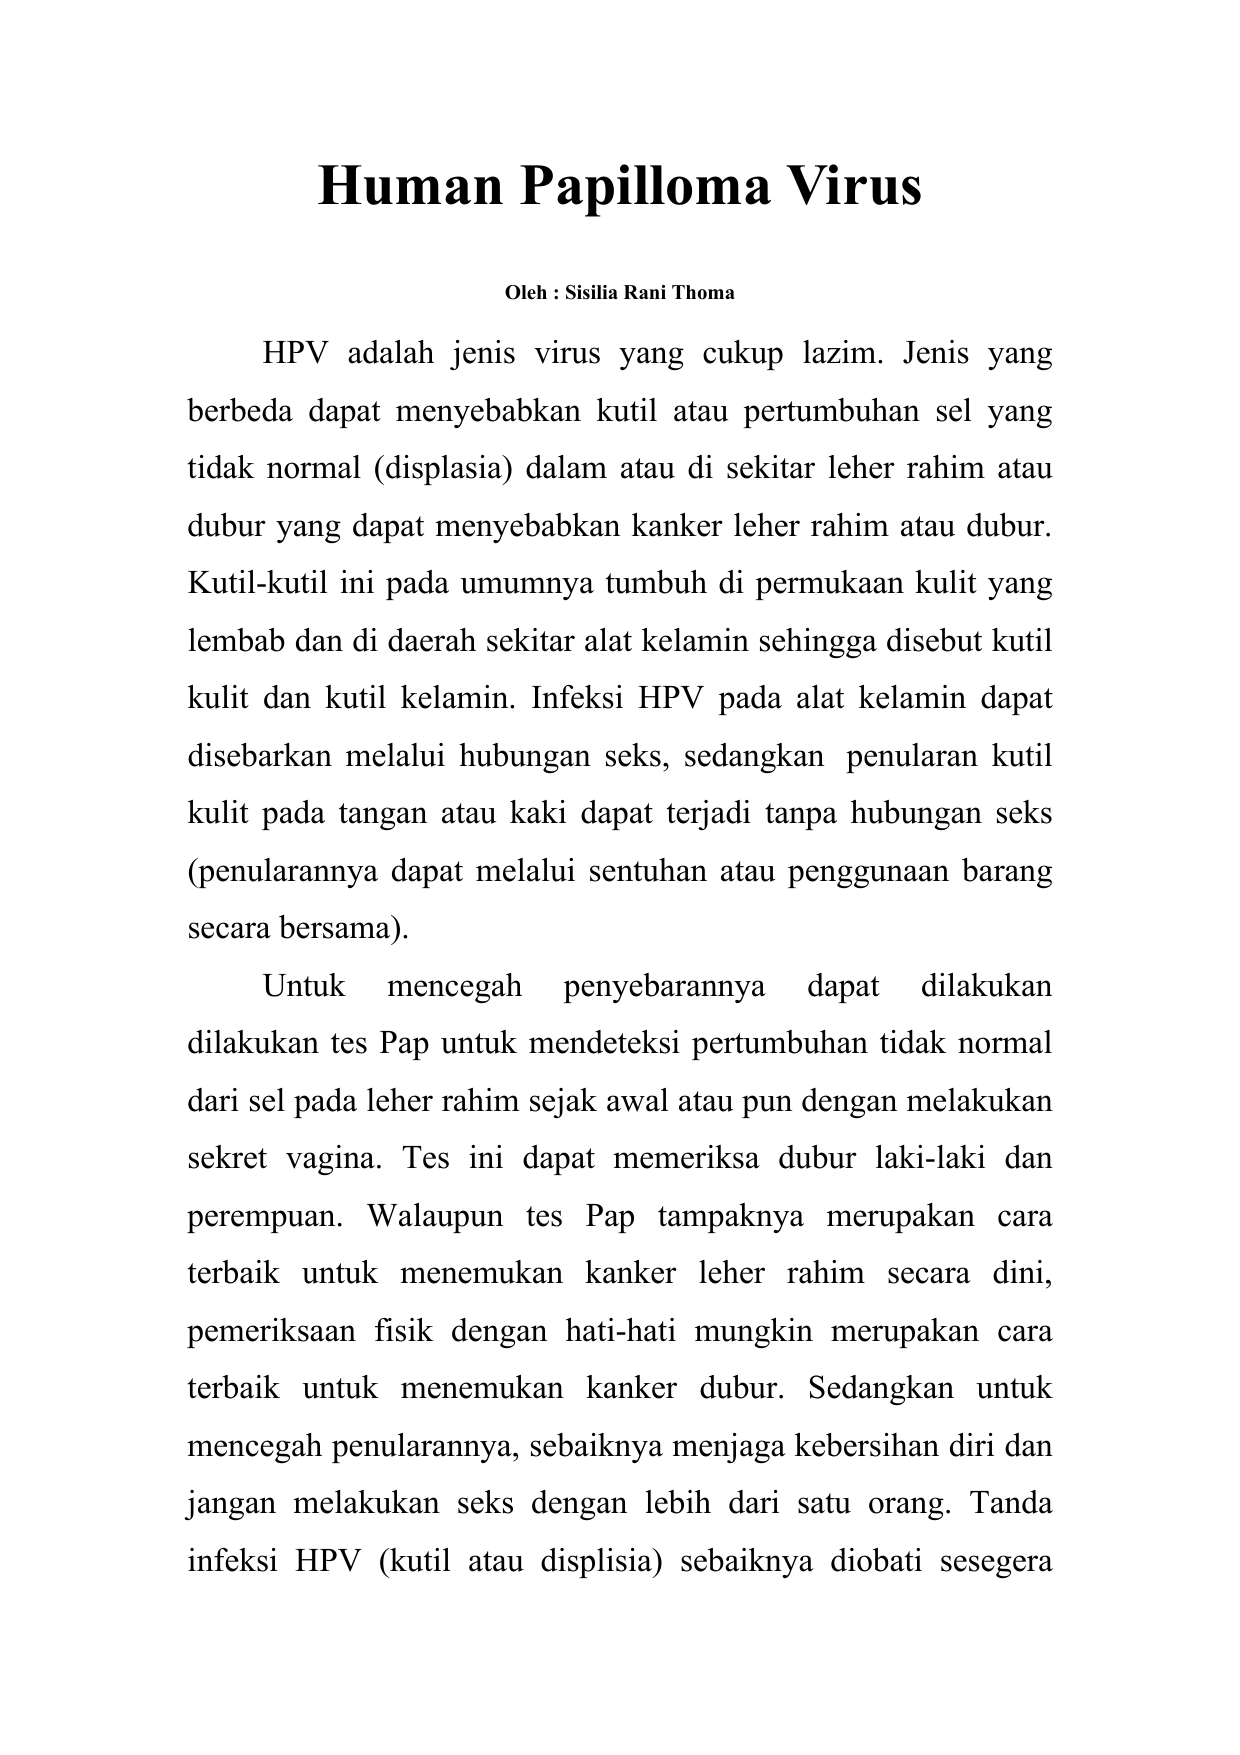 papilloma virus adalah